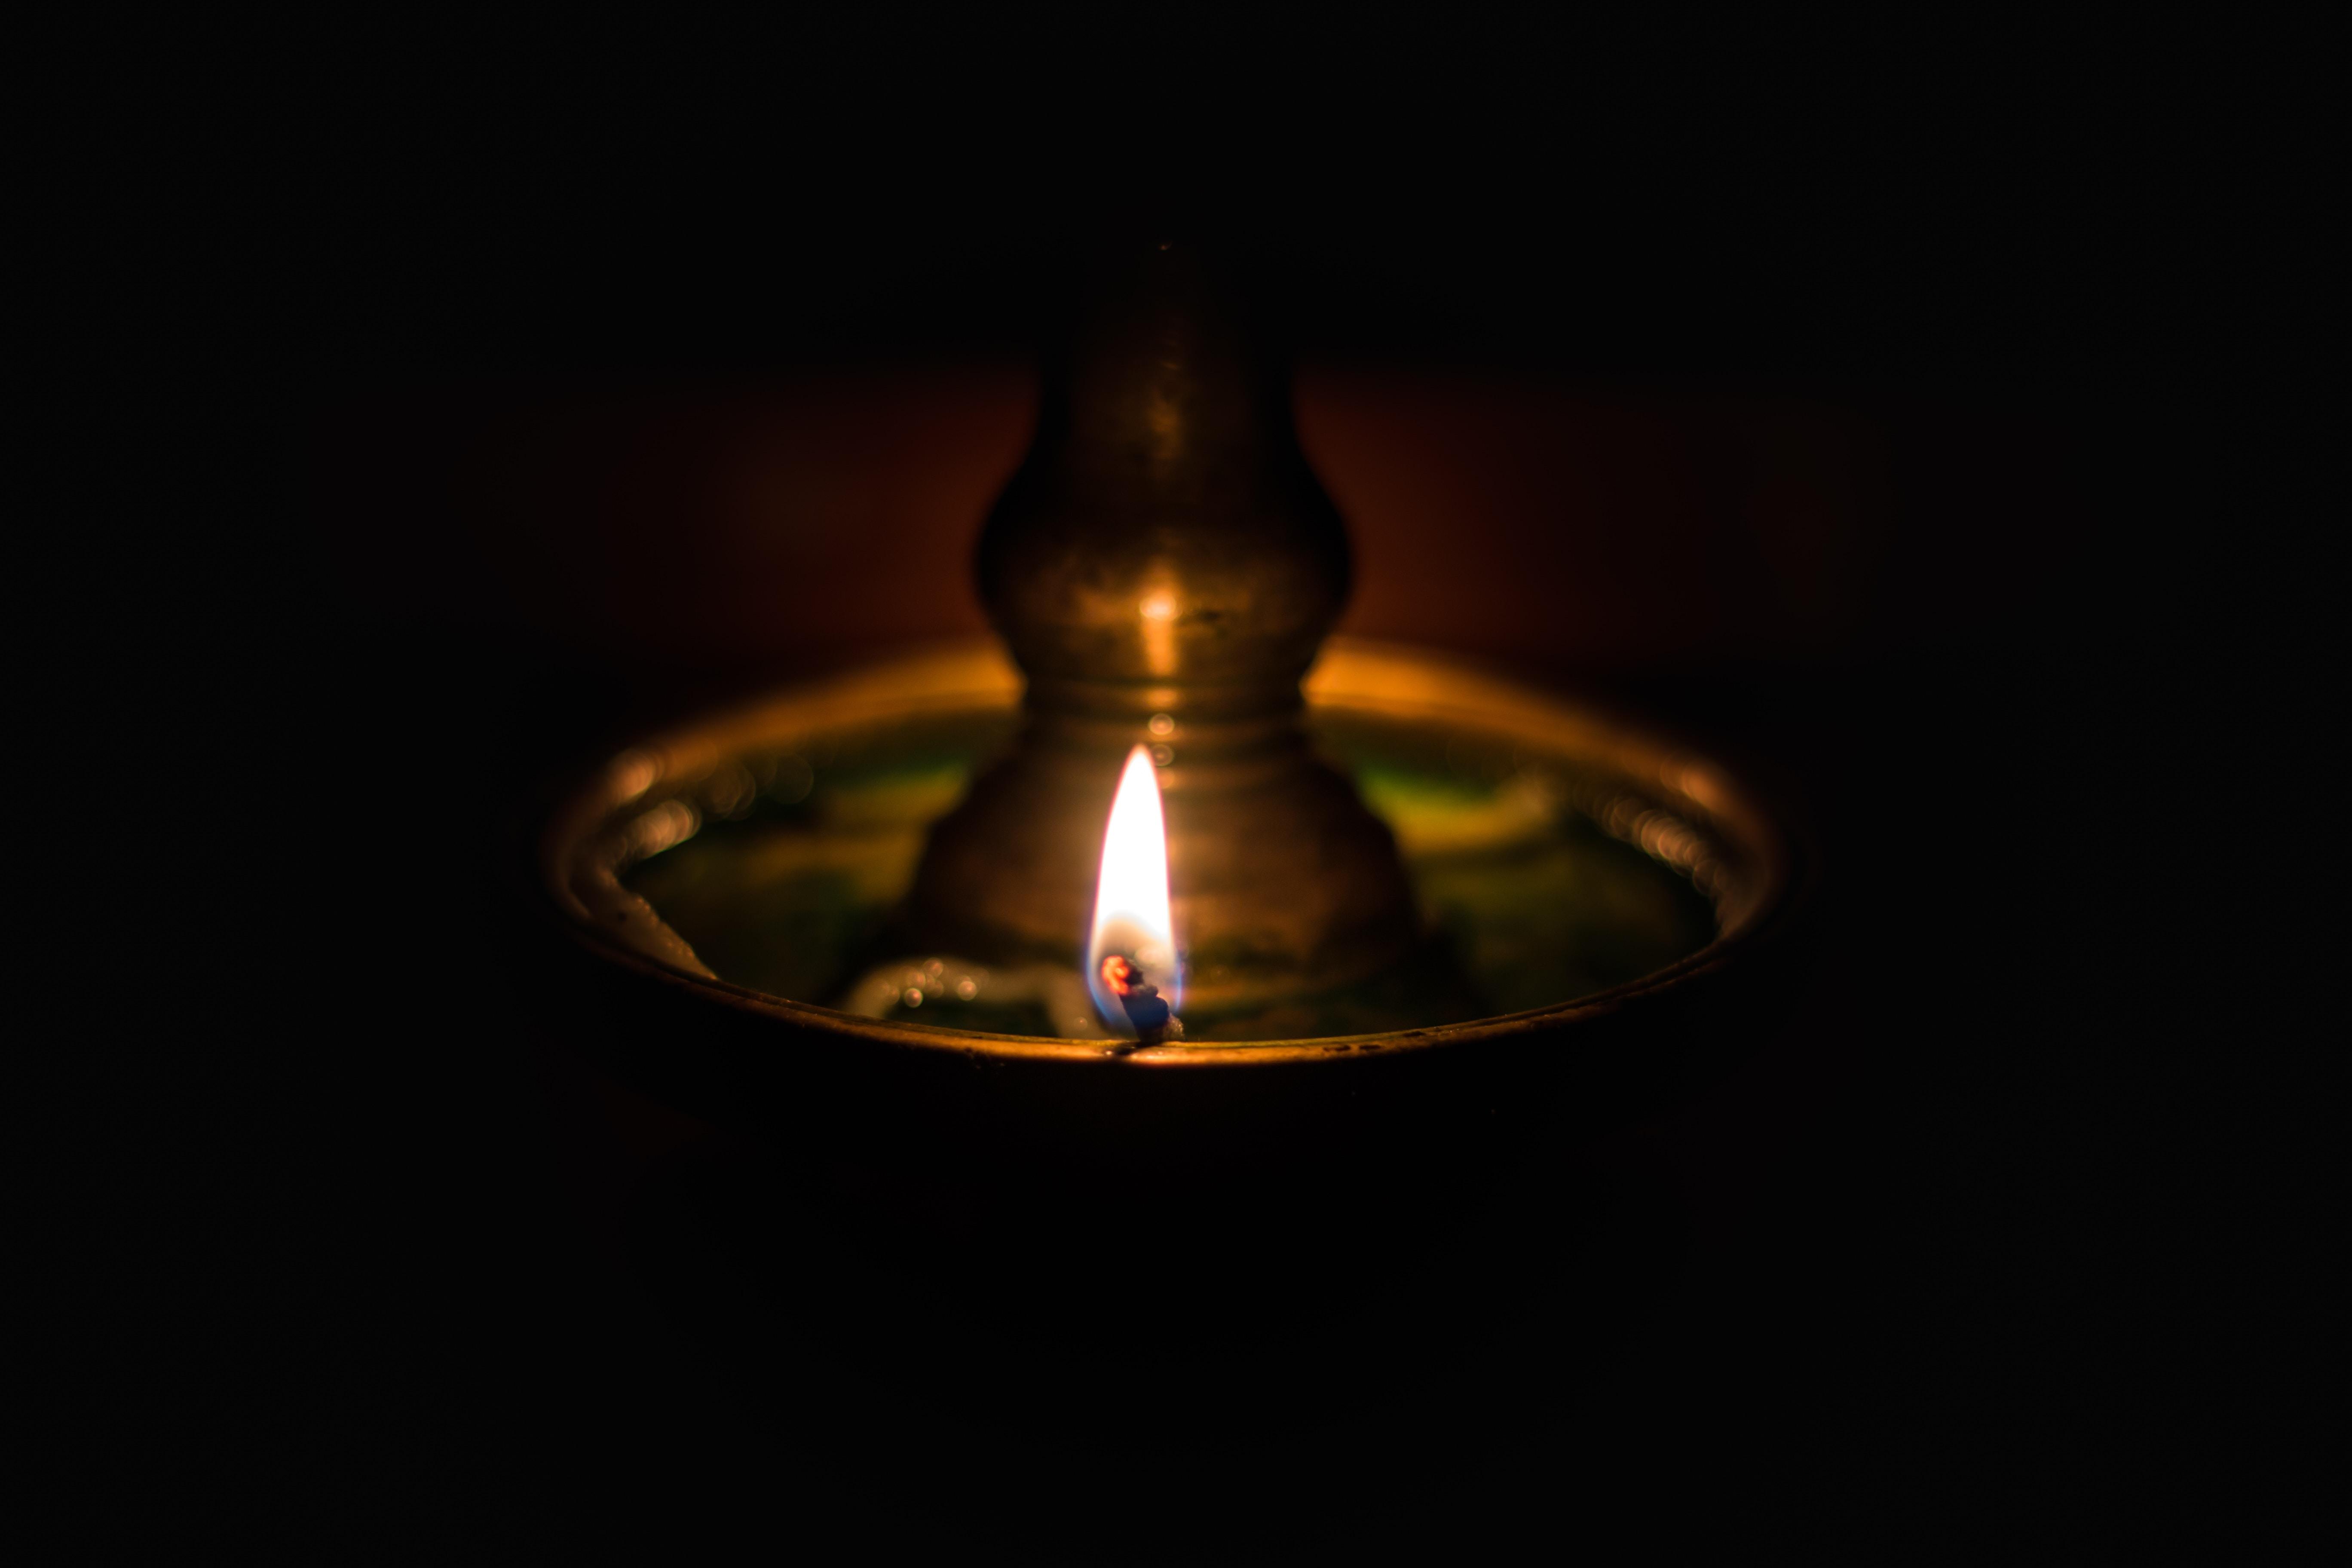 99272 免費下載壁紙 黑暗的, 黑暗, 灯, 灯泡, 灯芯, 火, 燃烧 屏保和圖片